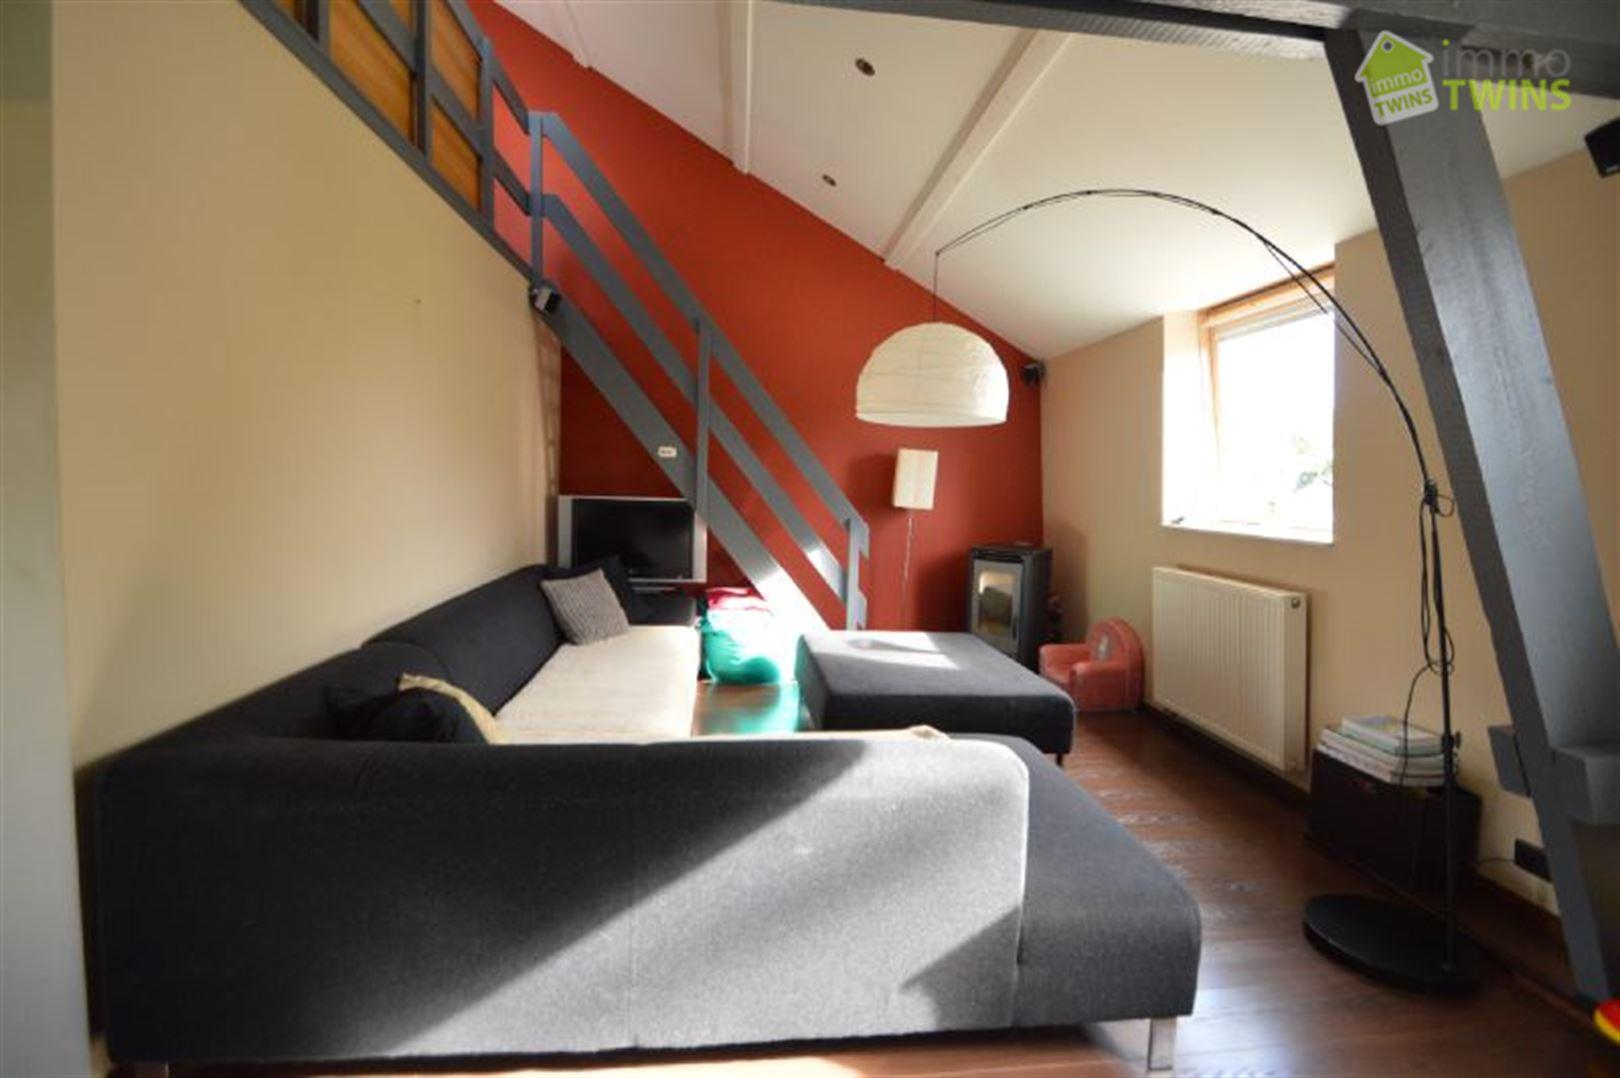 Foto 2 : Huis te 9200 Baasrode (België) - Prijs € 725